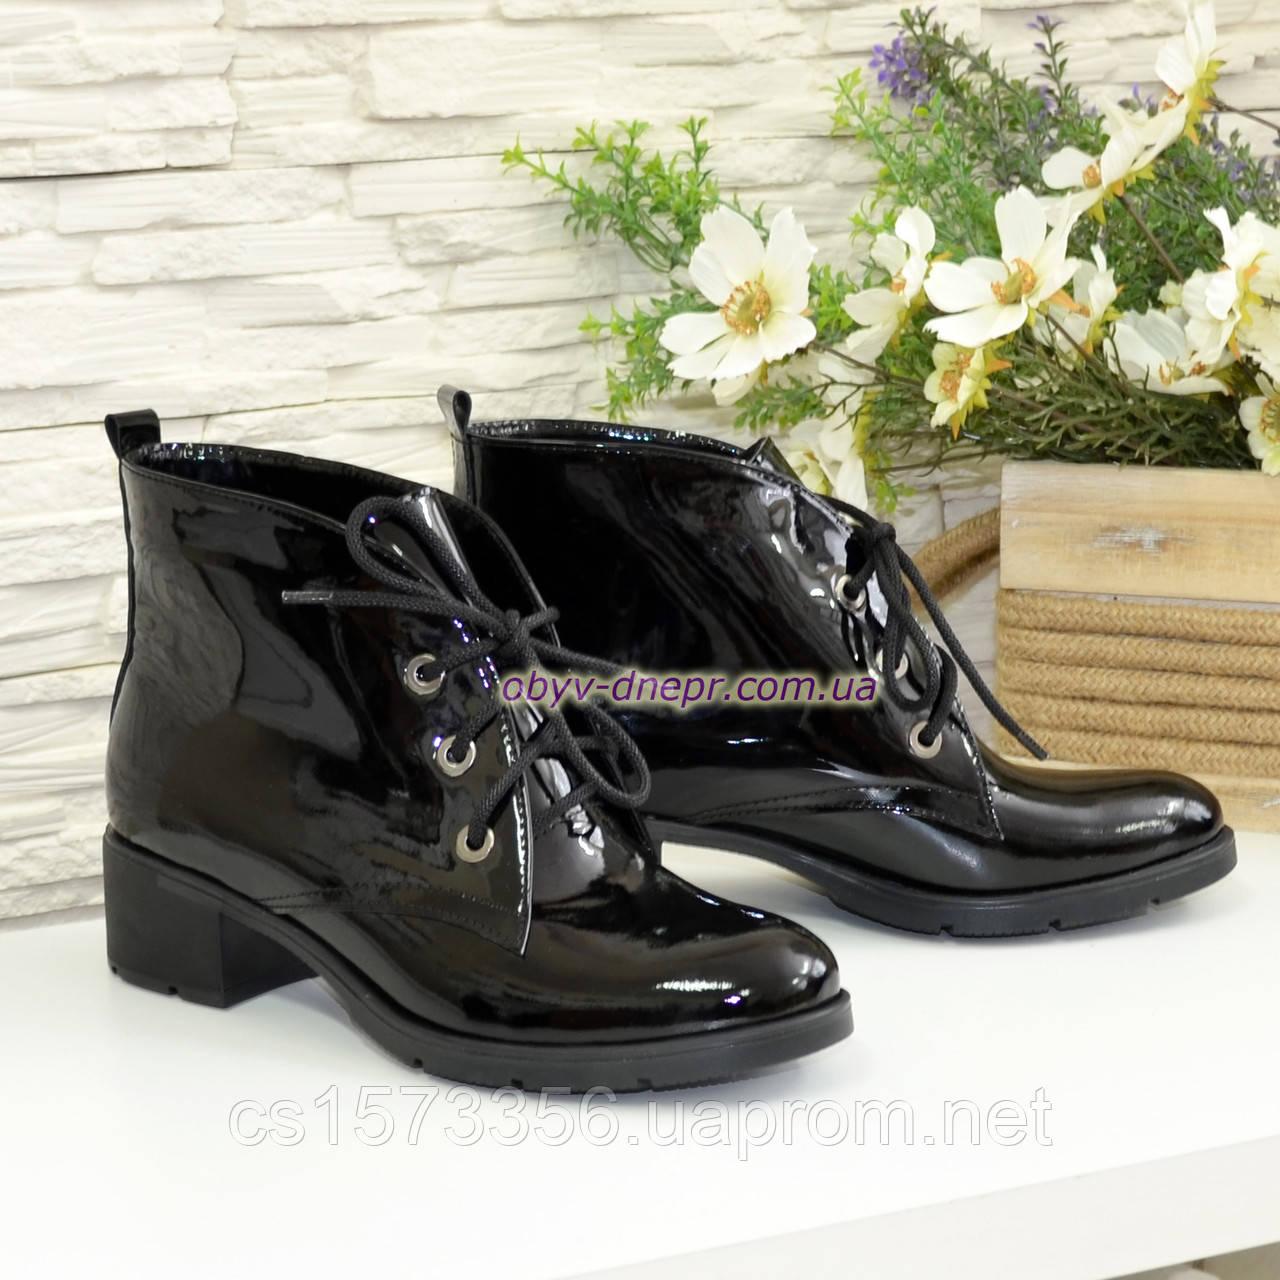 cc78d9df Полуботинки зимние лаковые на шнуровке, цвет черный: продажа, цена в ...